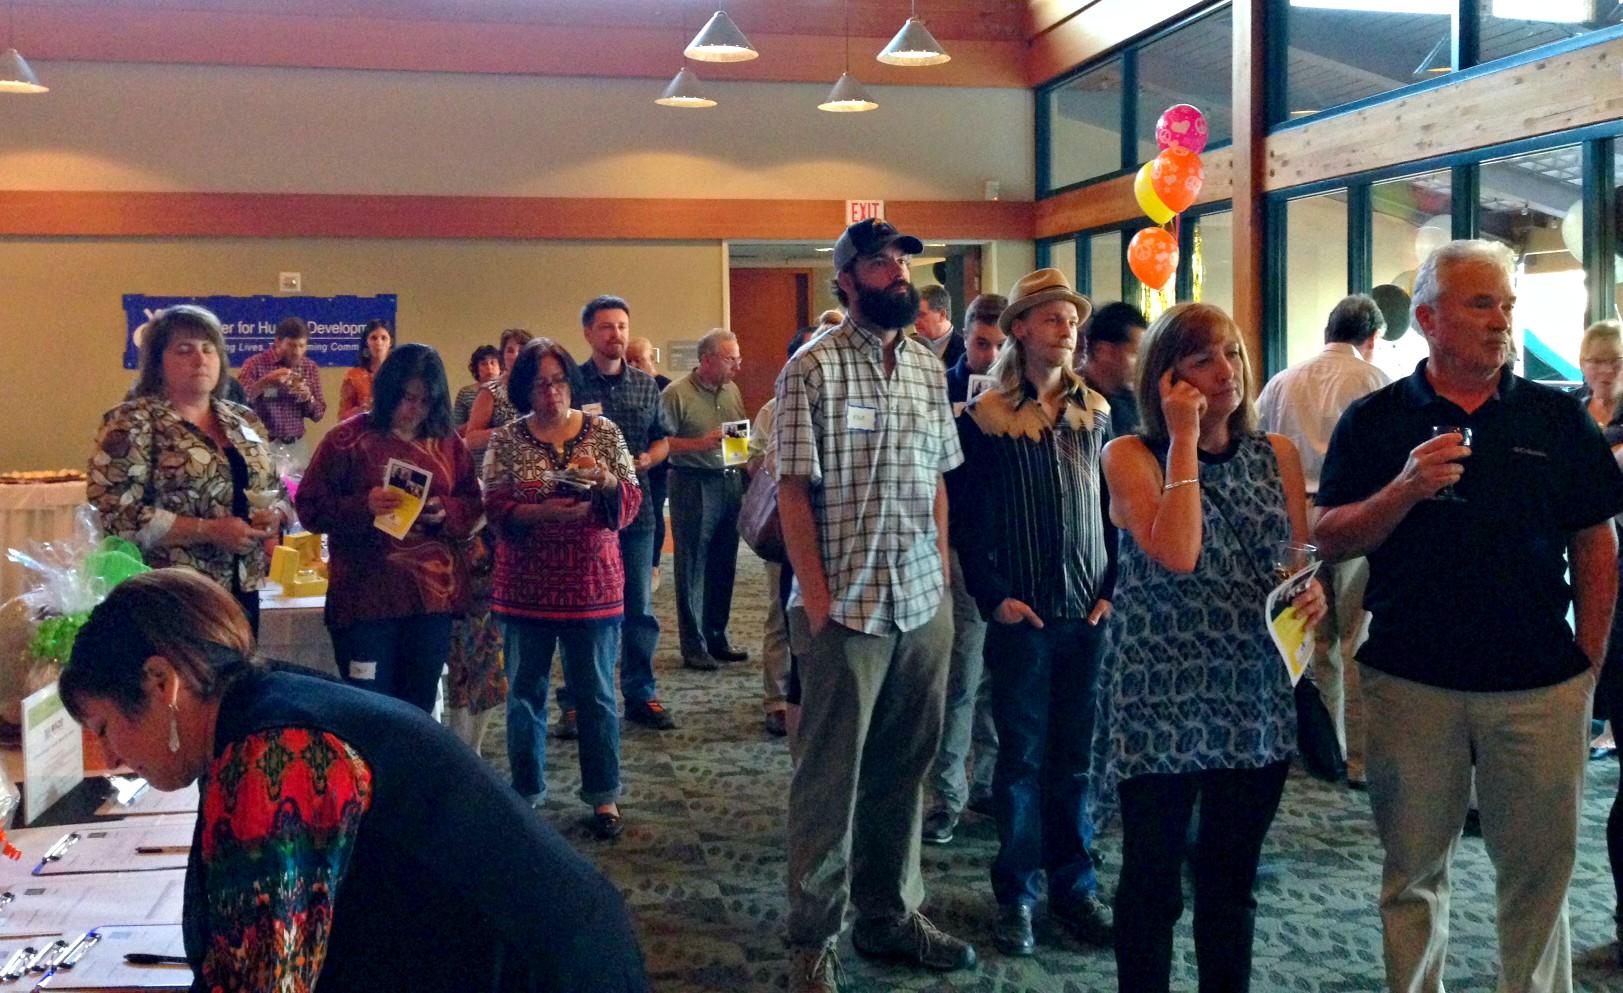 crowd-inside